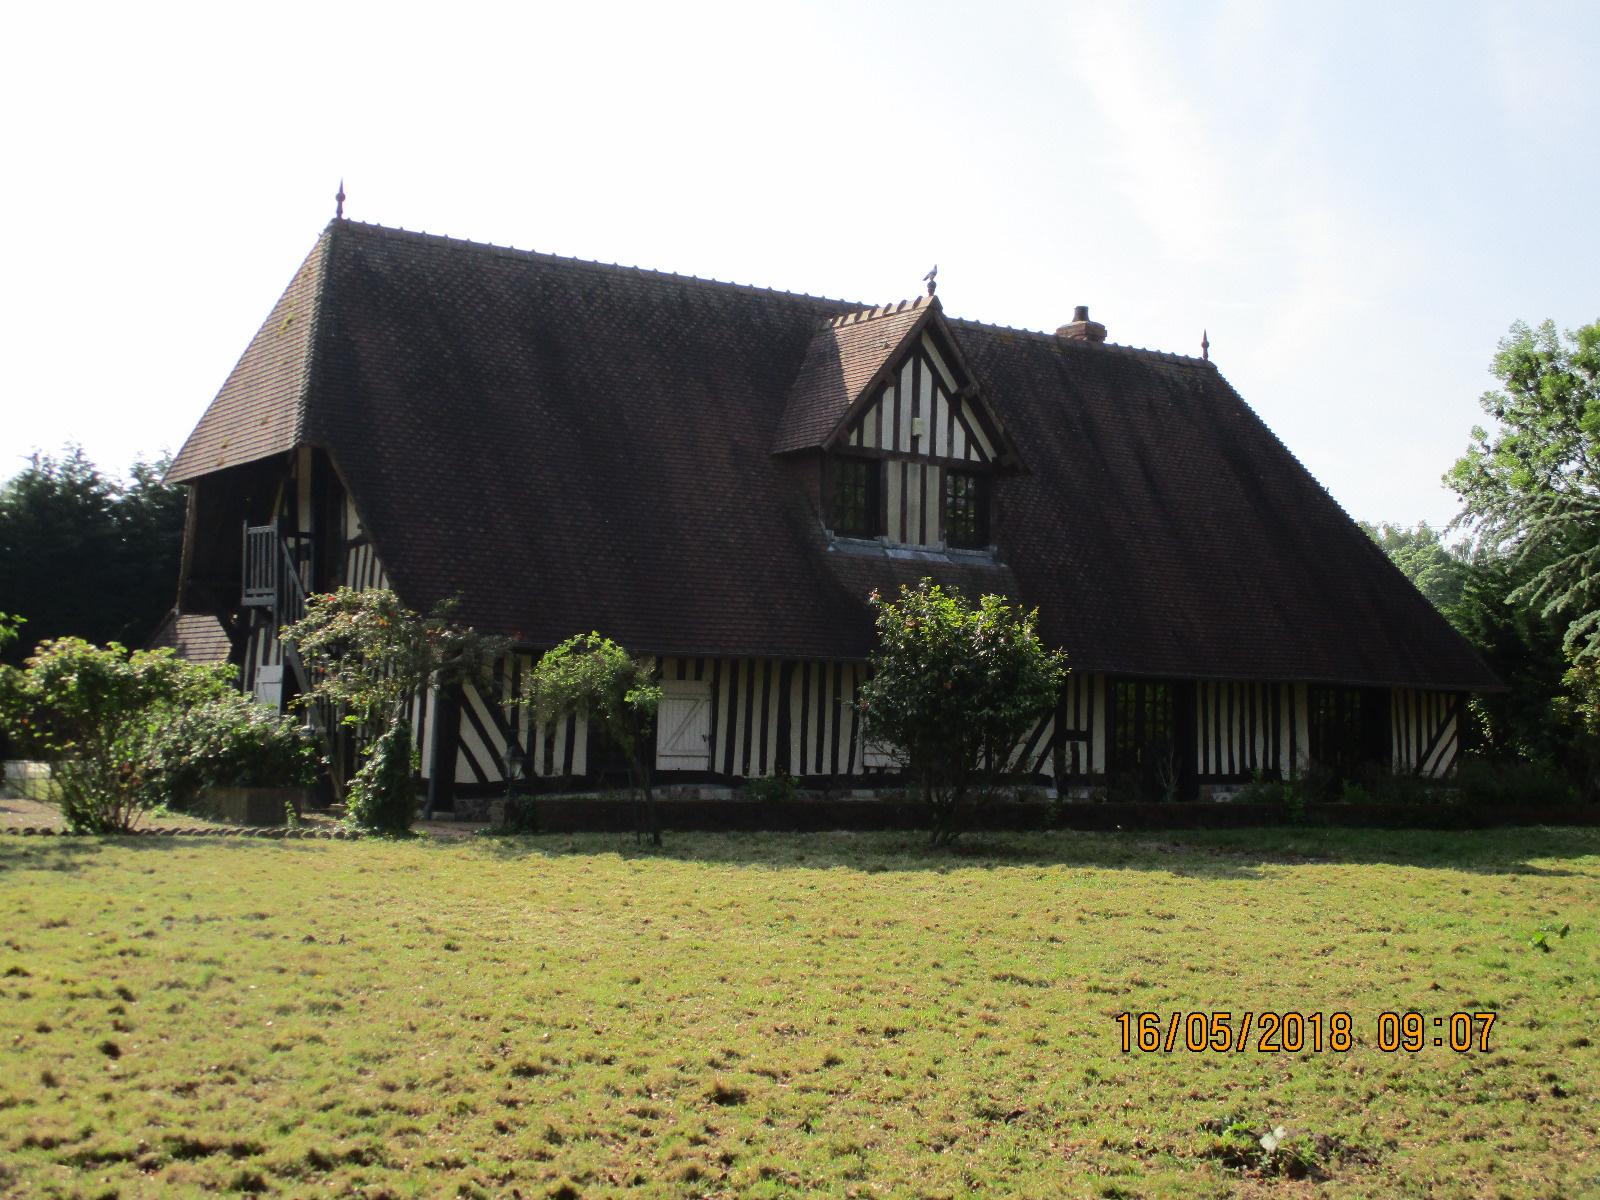 achat maison normande